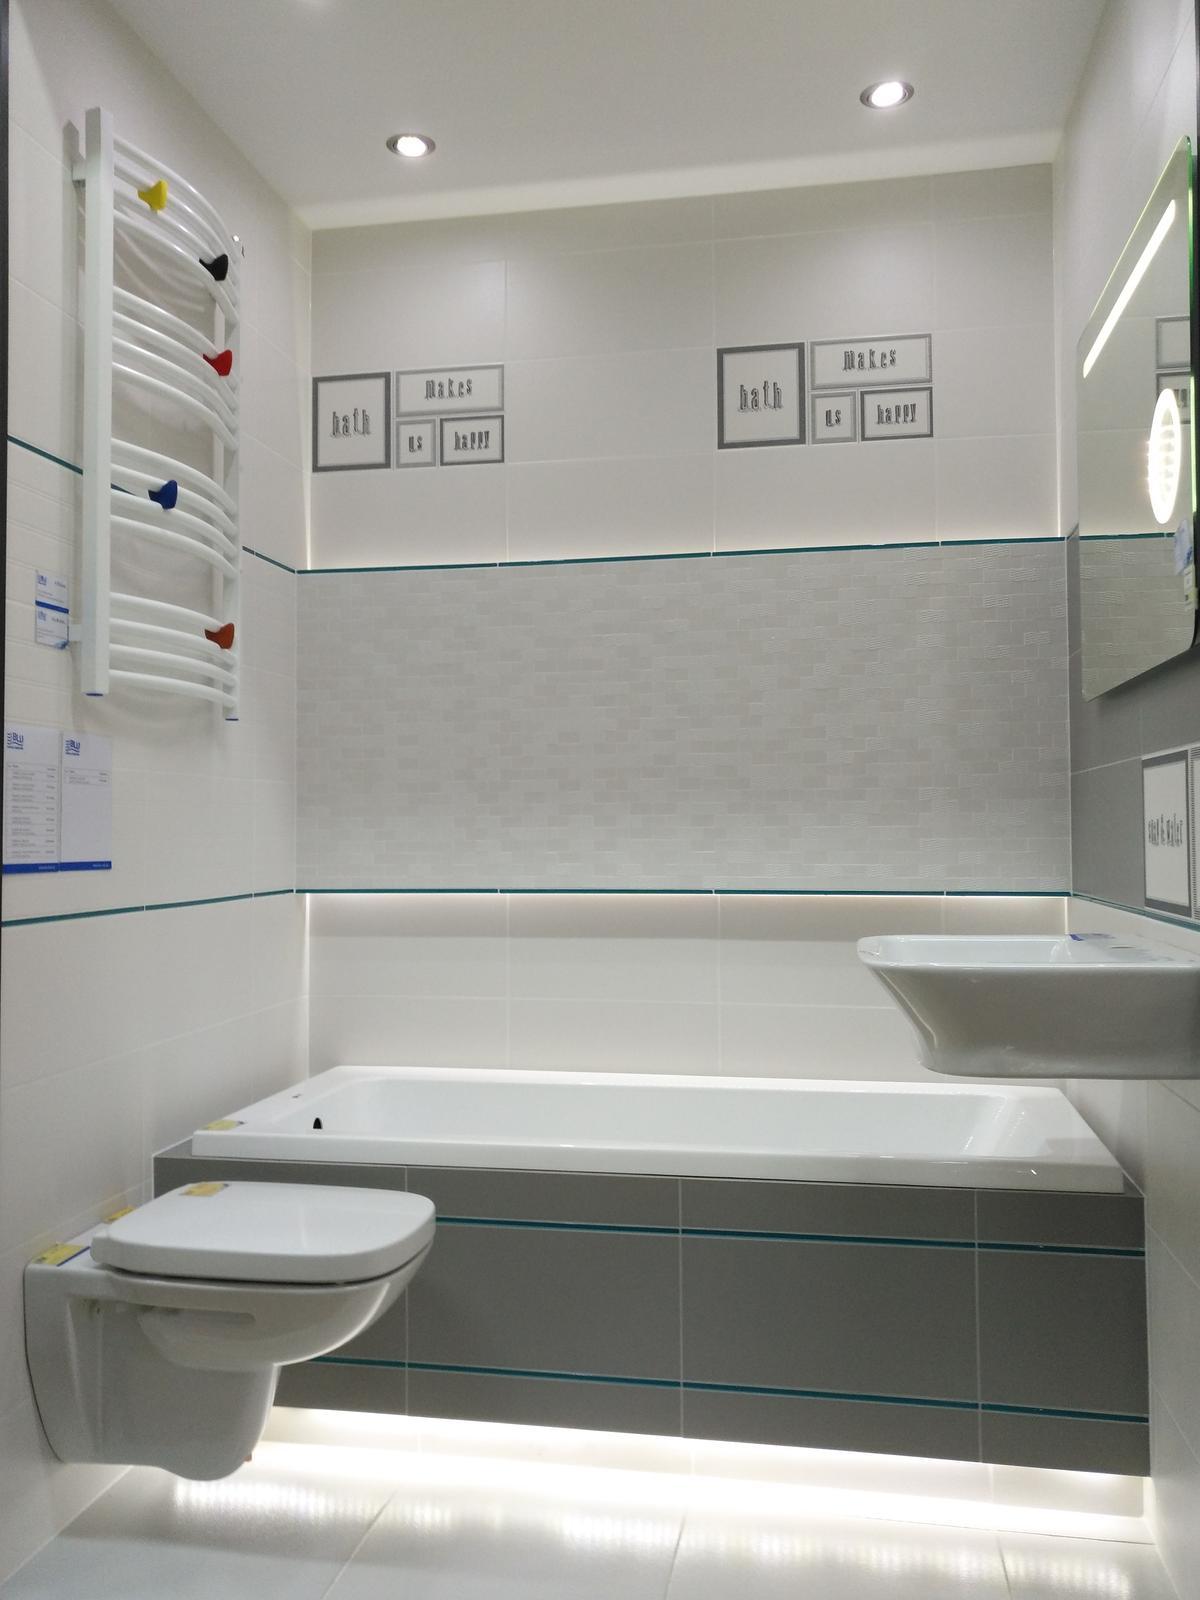 Ekspozycja łazienki w kolekcji płytek Domino Grafite - zdjęcie od BLU salon łazienek Dębica